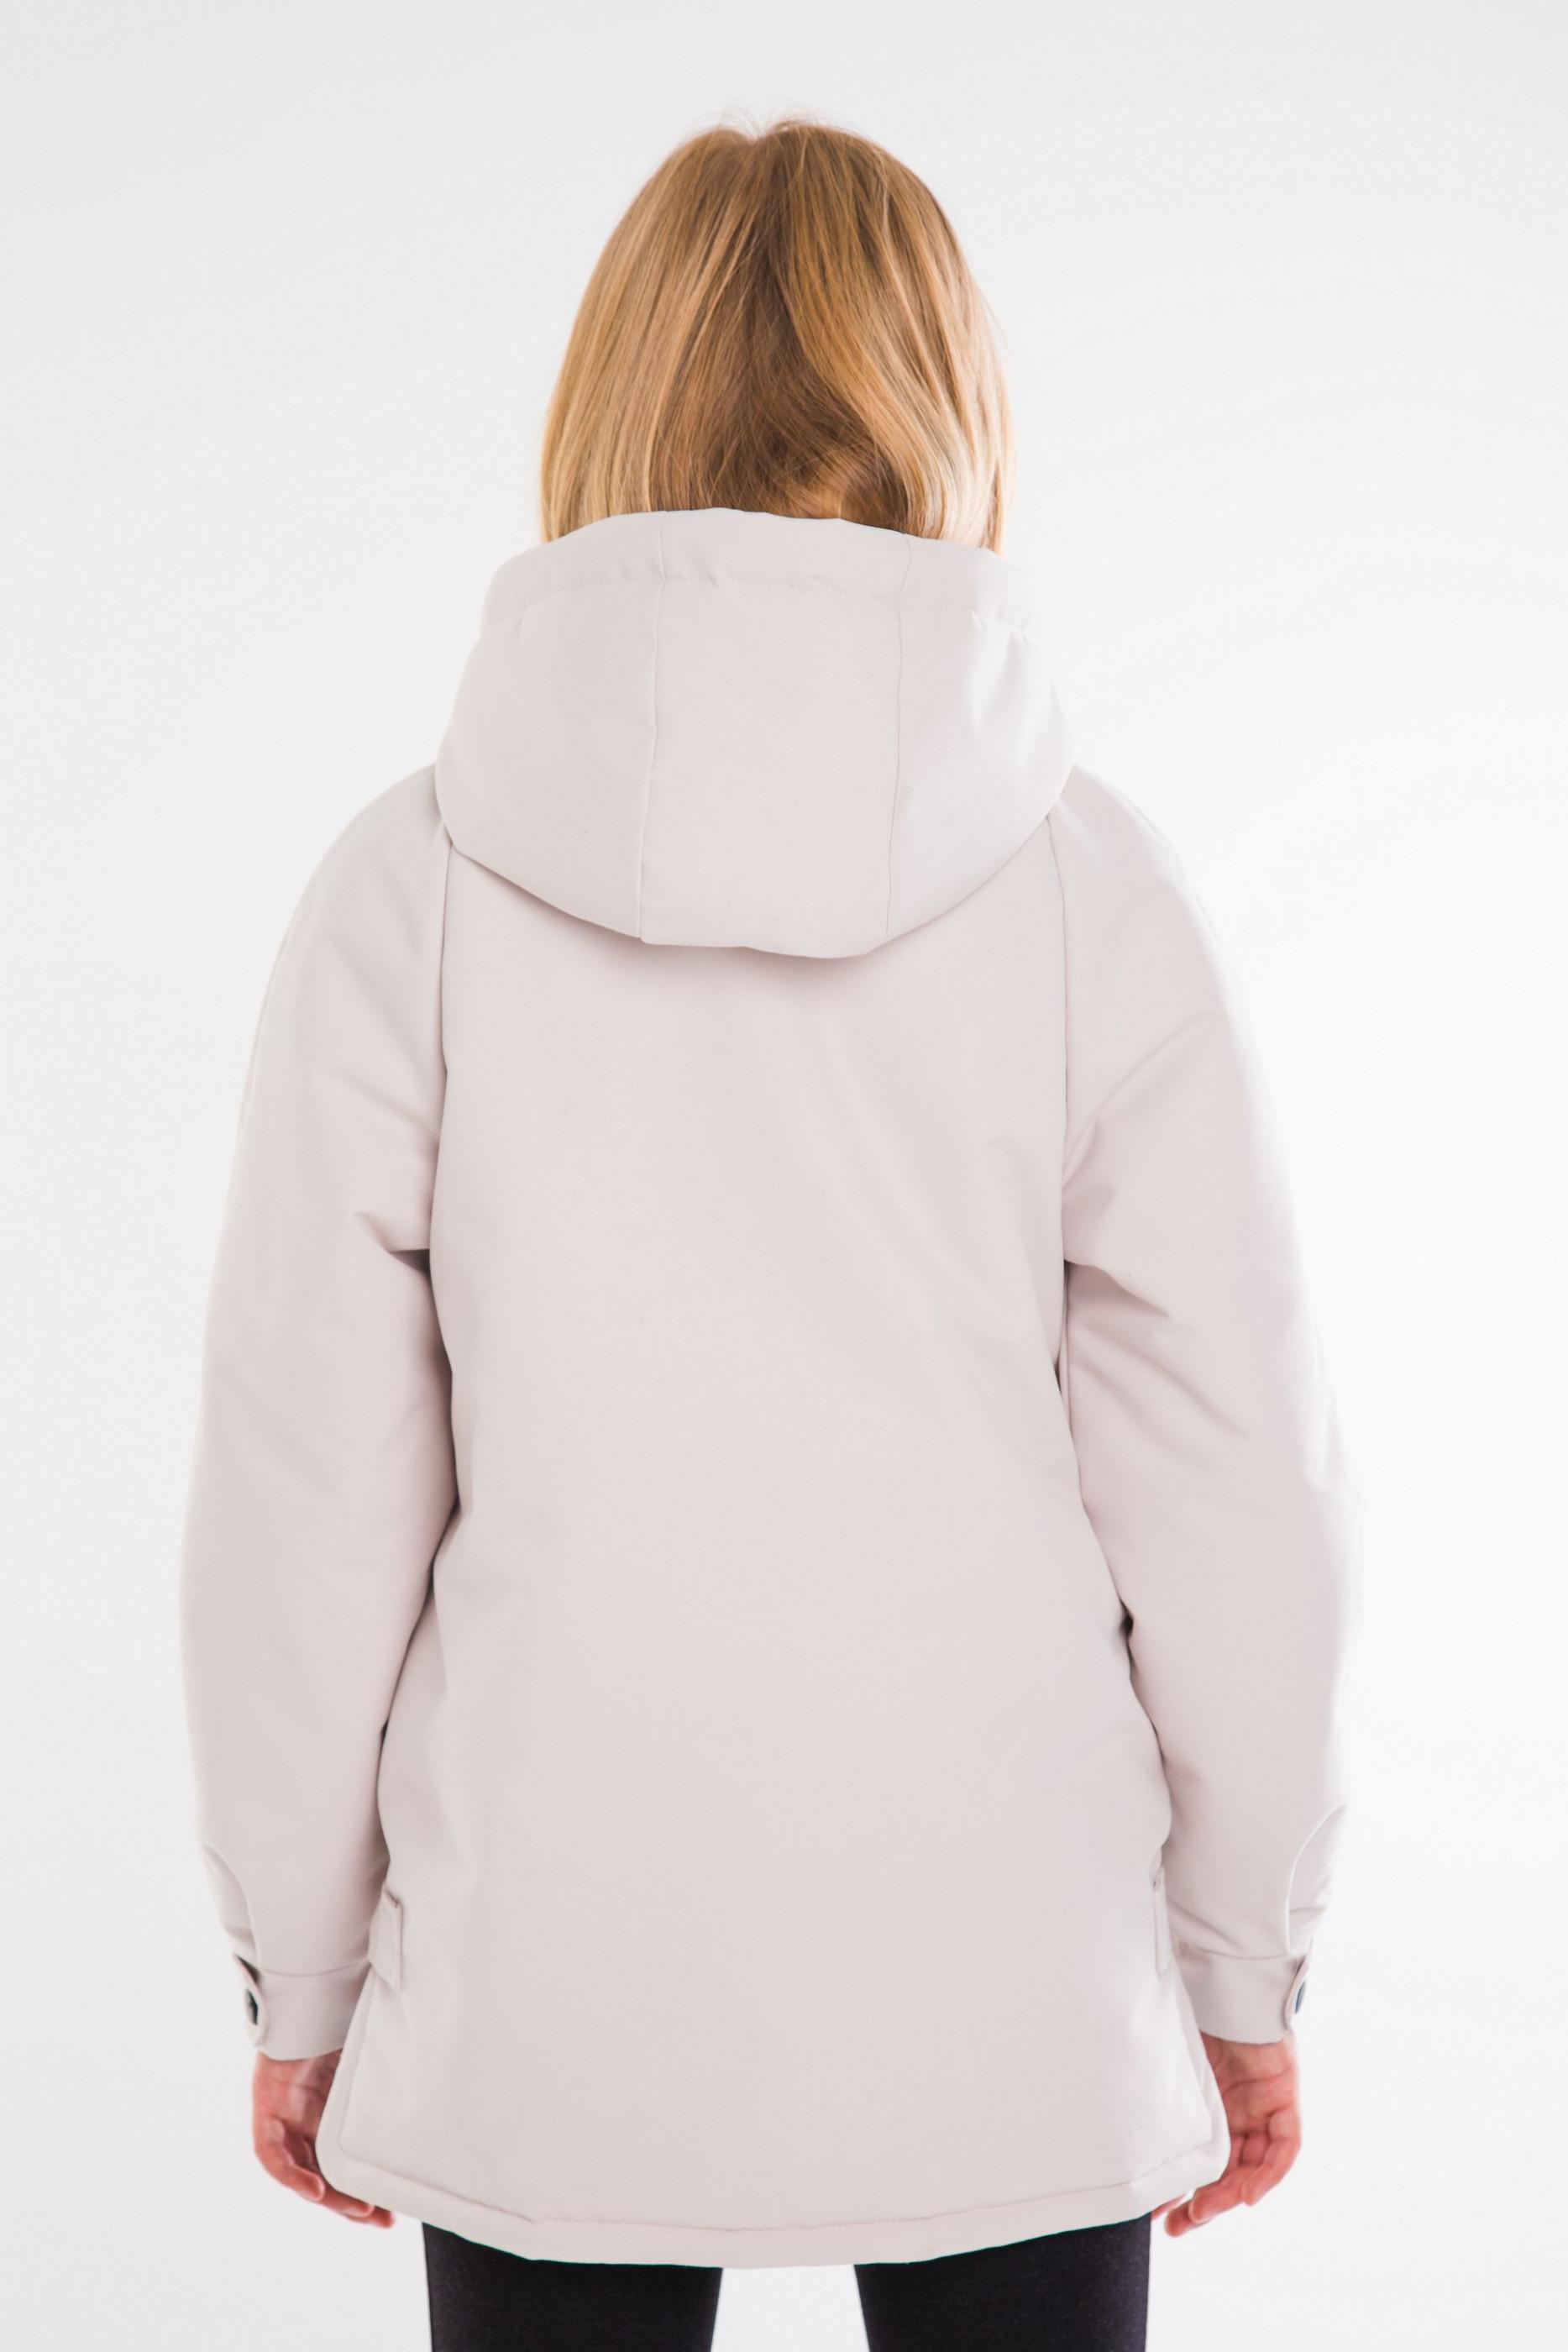 Куртка Мелорі, фото №5